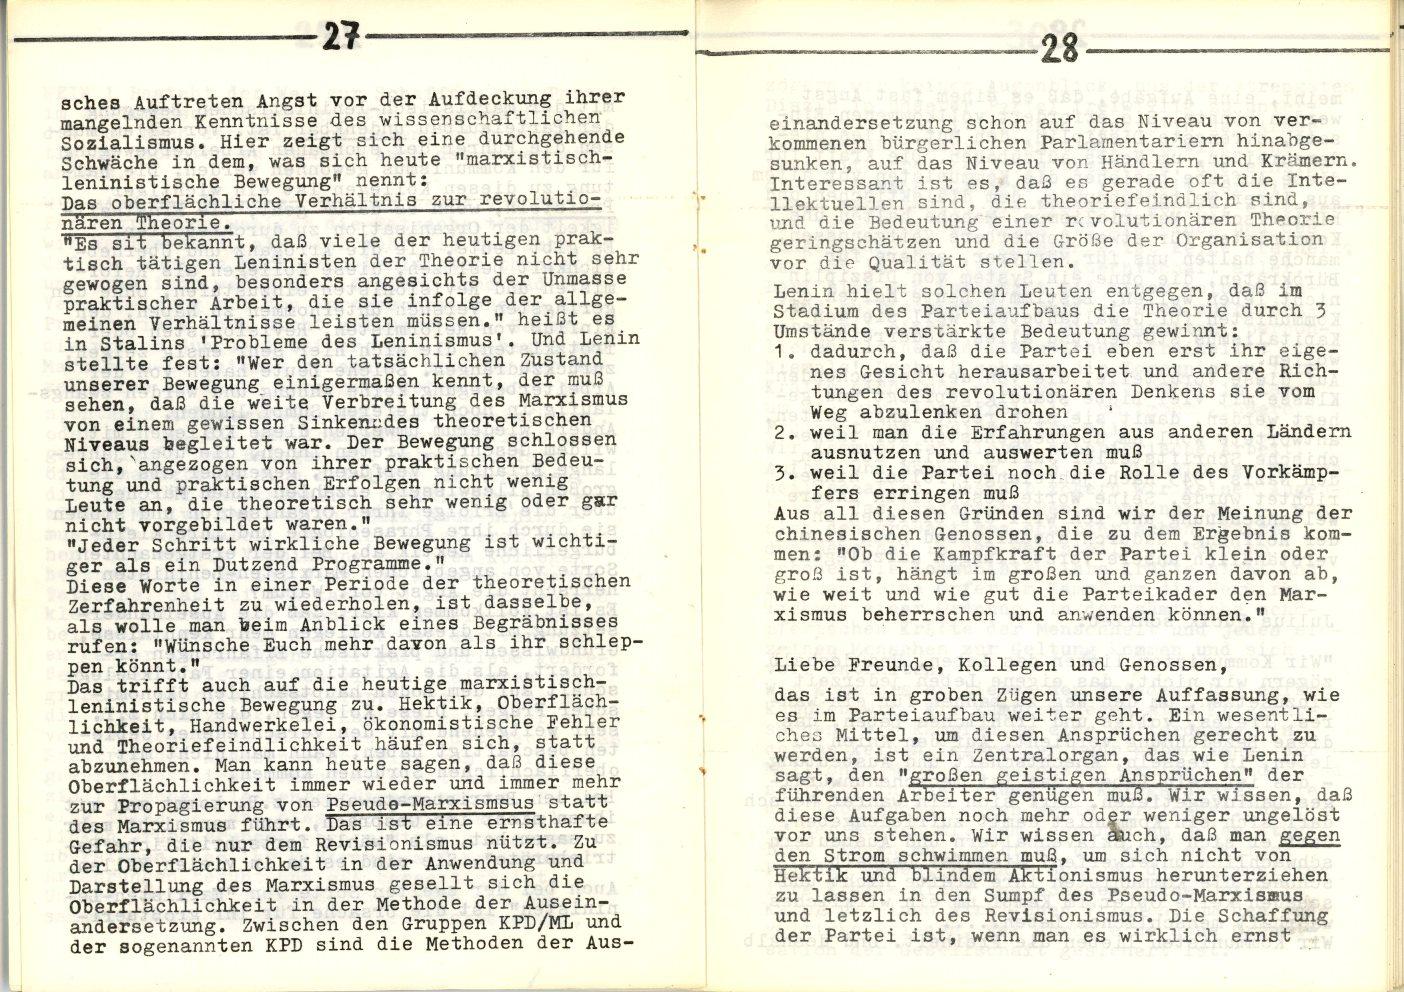 Frankfurt_KABD_zum_Ersten_Mai_1976_15